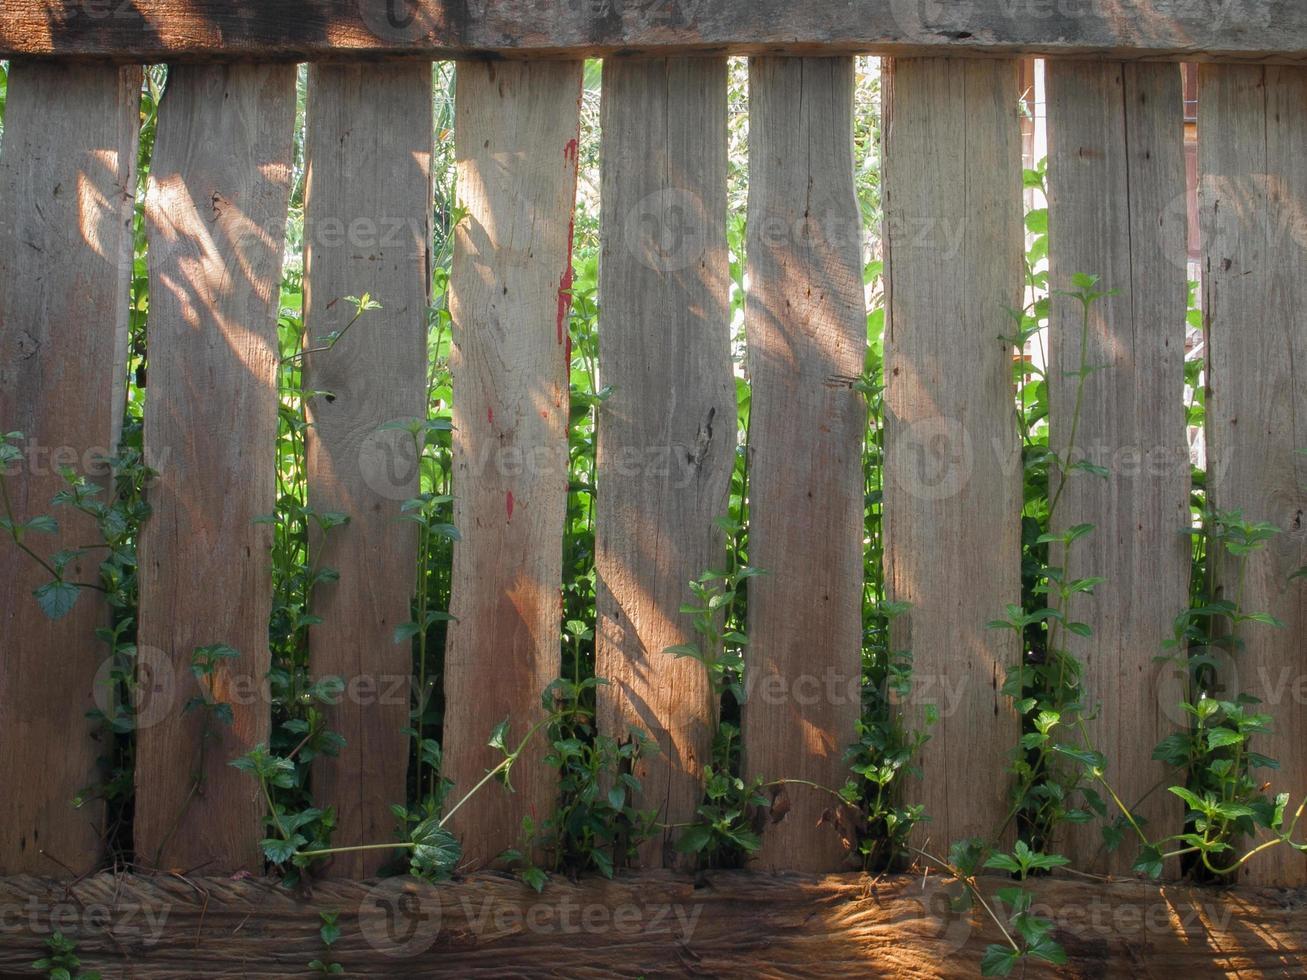 disegno di recinzione in legno. foto